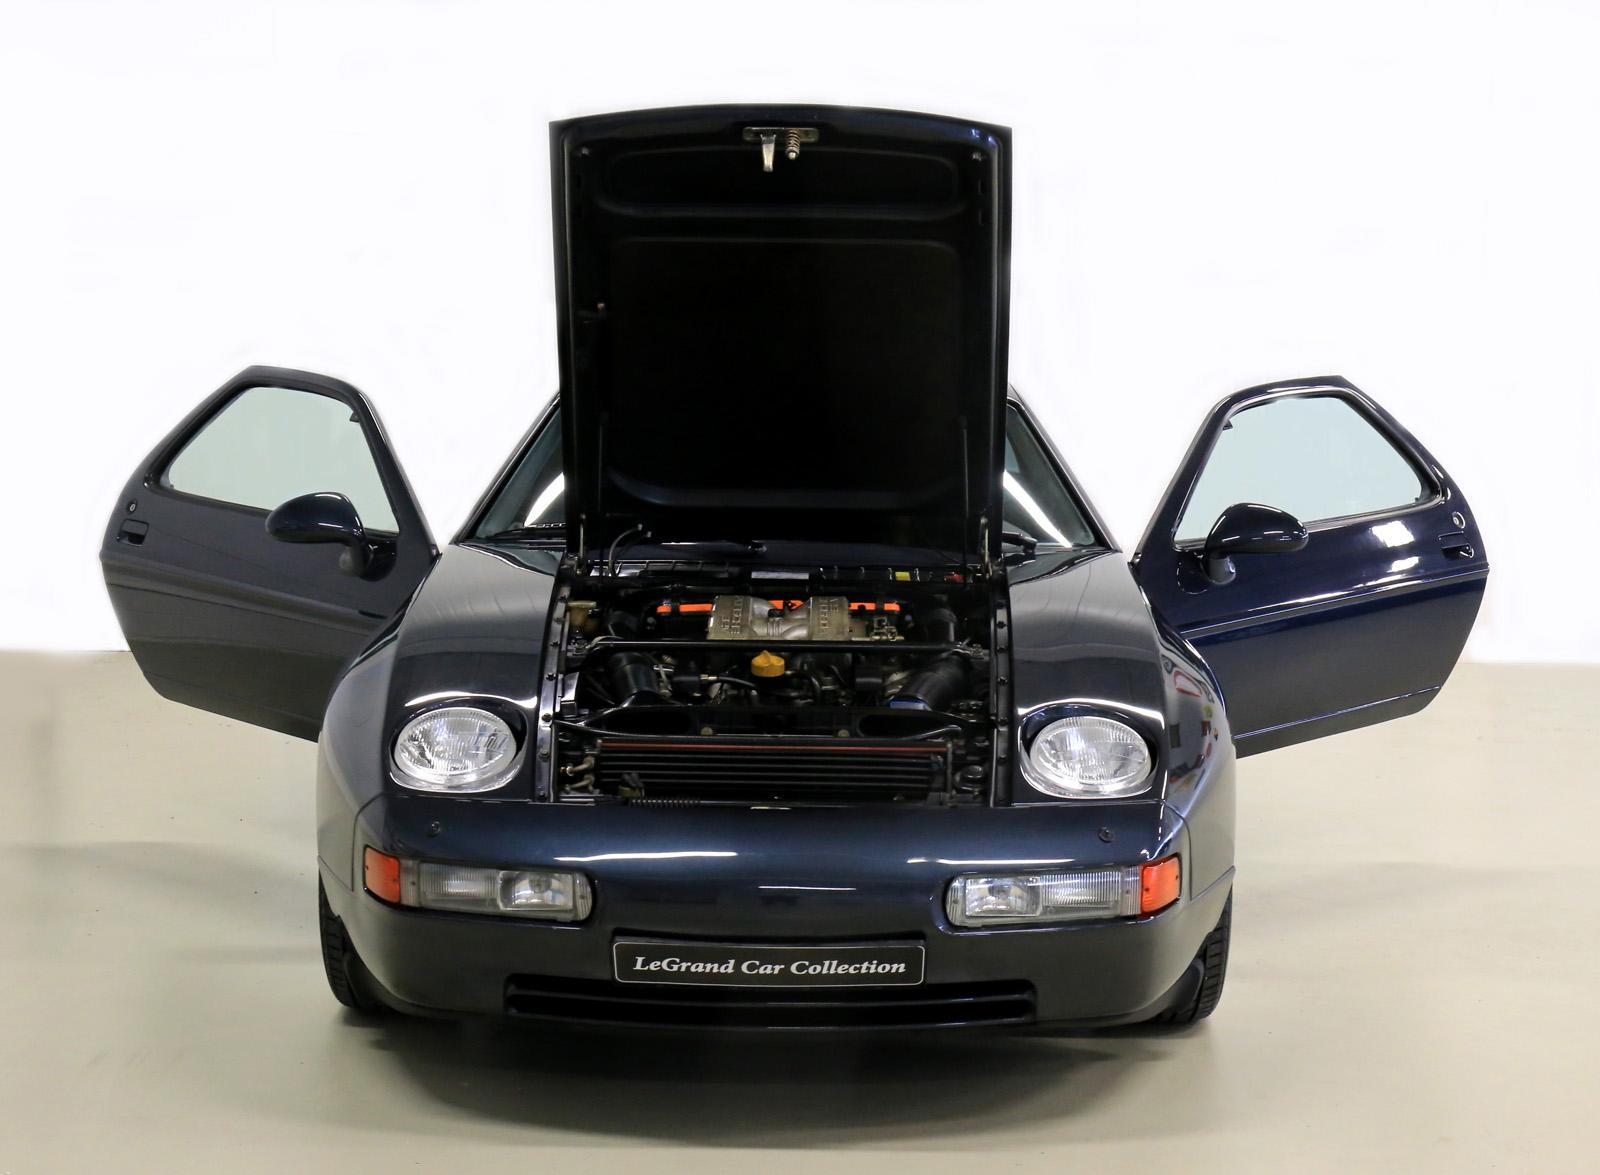 Porsche 928 Stoelen.Porsche 928 S4 Legrand Car Collection